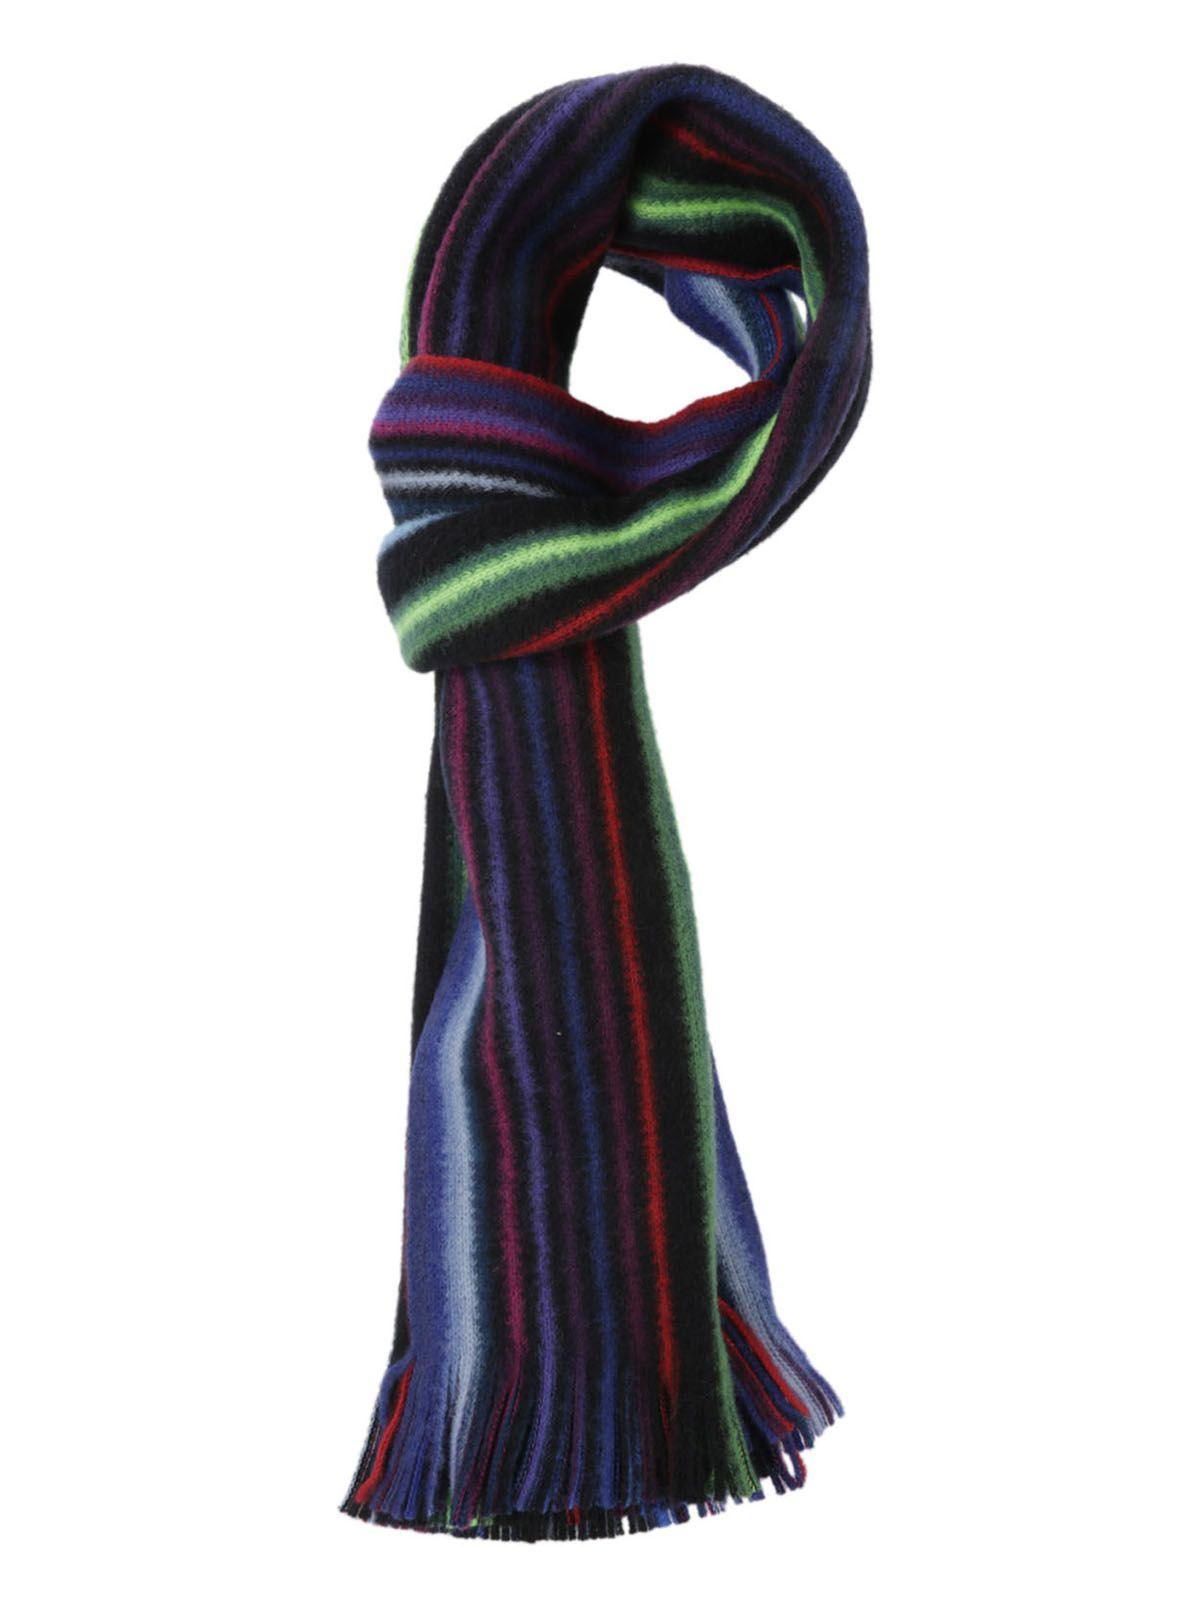 Paul Smith Knit Scarf